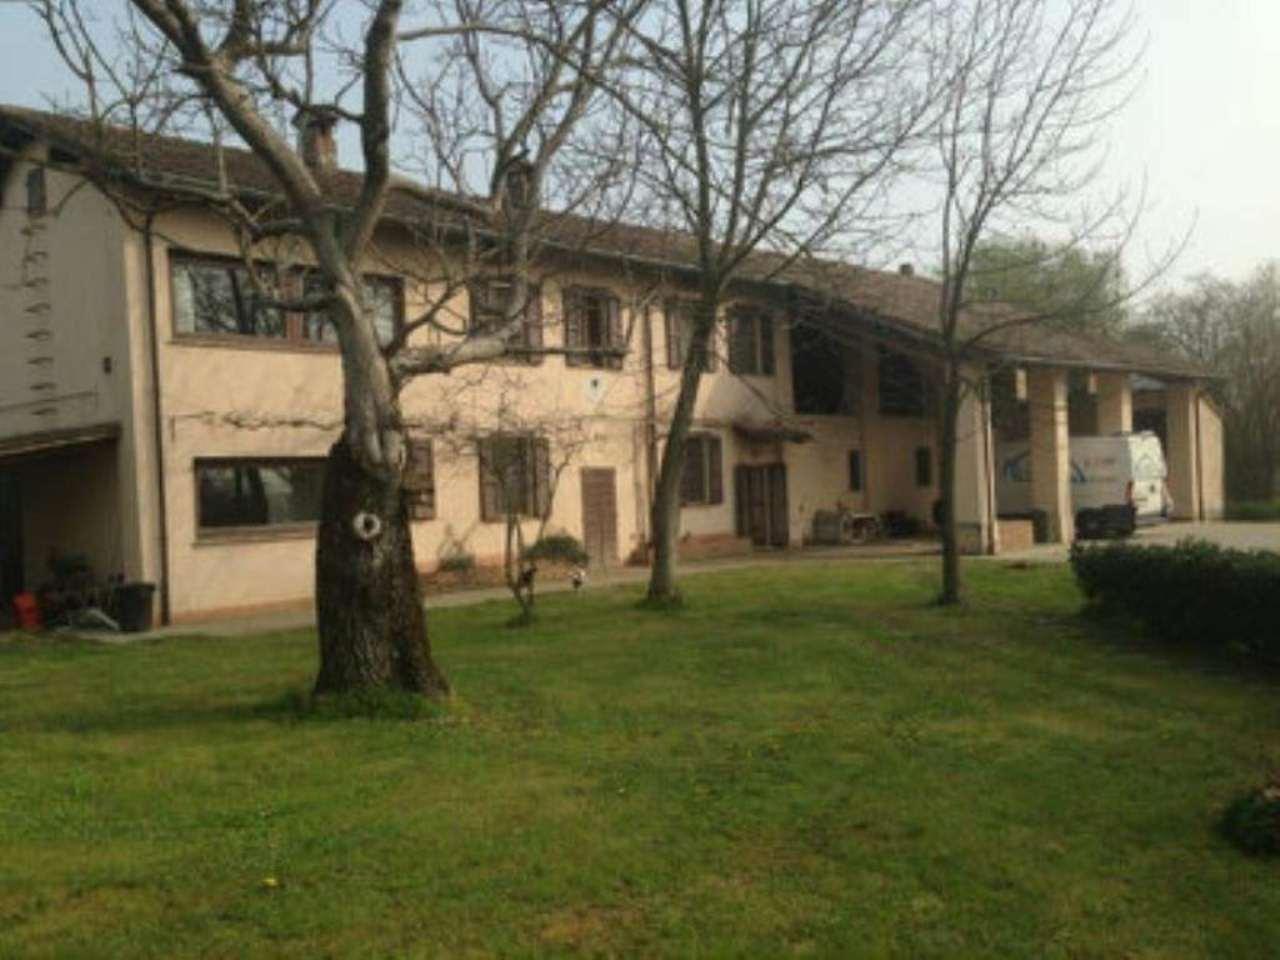 Rustico / Casale in vendita a Crema, 8 locali, prezzo € 530.000 | CambioCasa.it